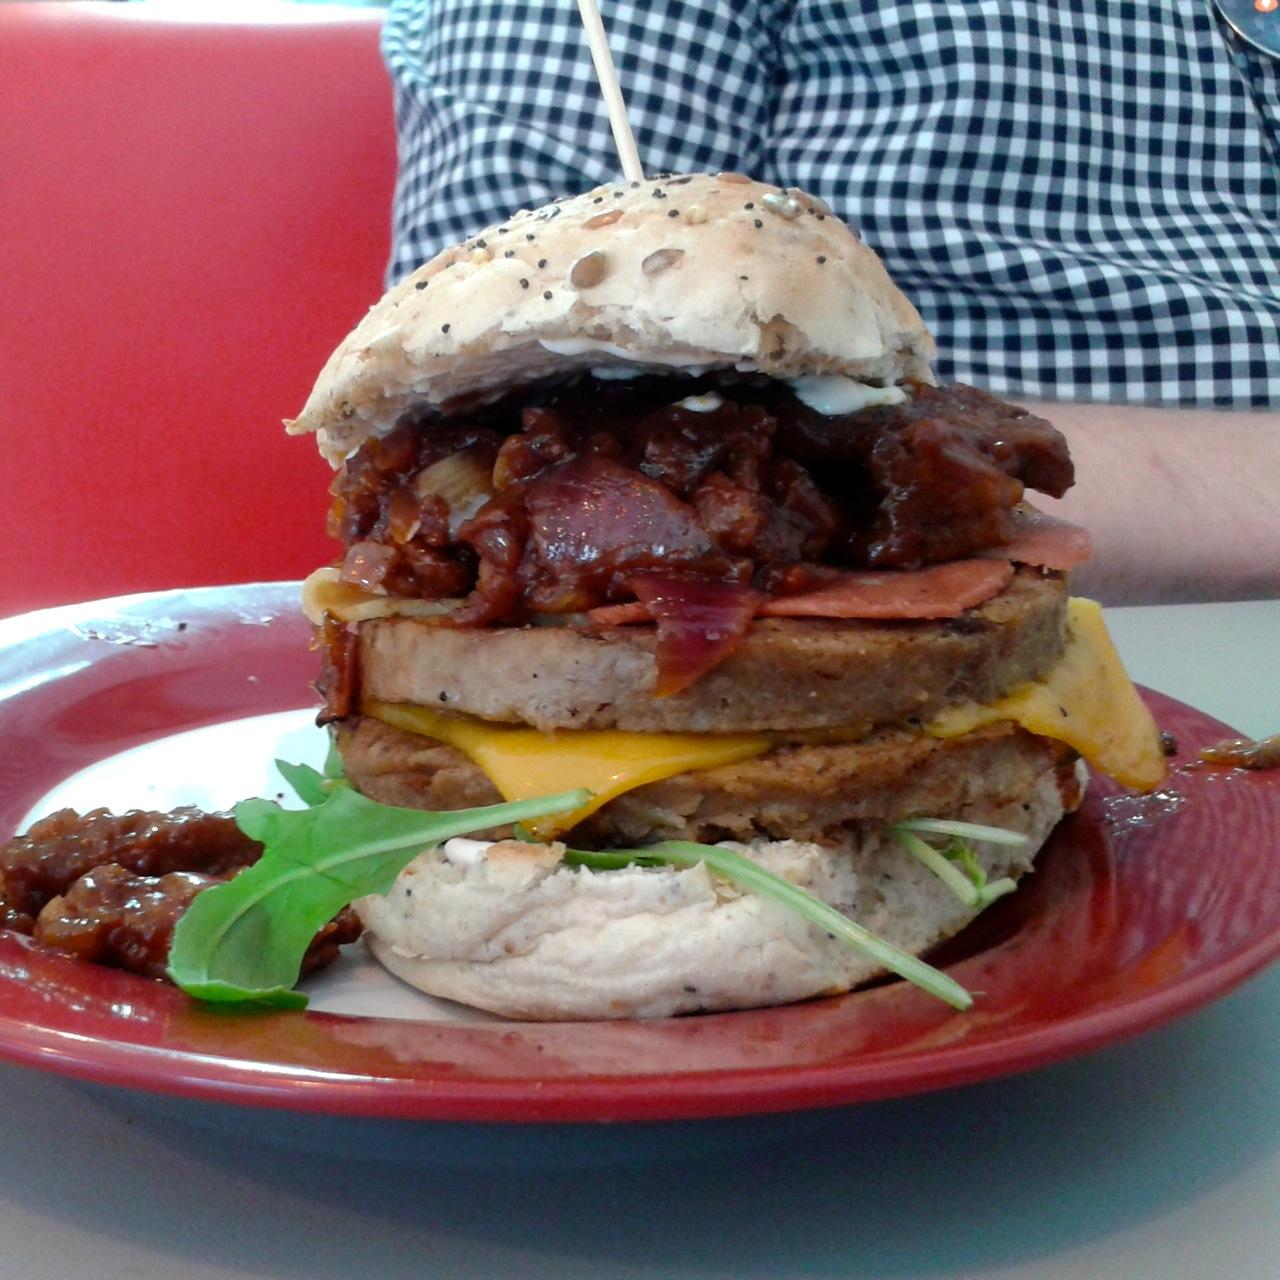 https://i1.wp.com/fatgayvegan.com/wp-content/uploads/2014/06/burger1.jpg?fit=1280%2C1280